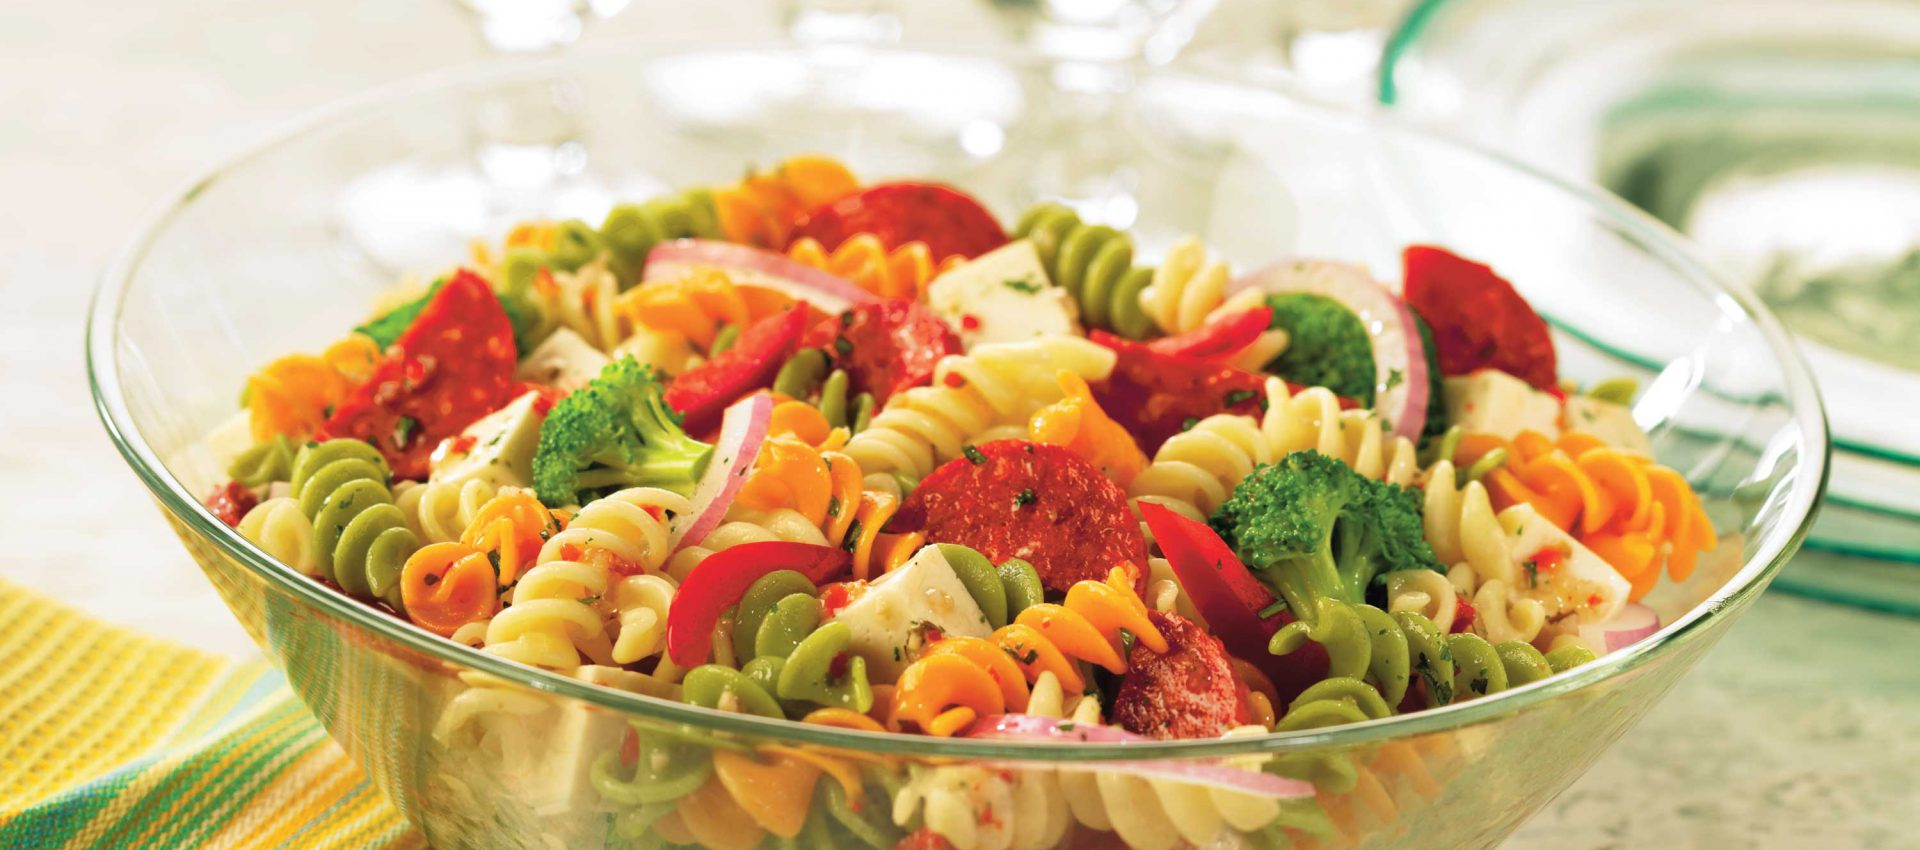 Rainbow_Rotini_Antipasti_Salad_FR1-1920x850 Rainbow Rotini Antipasti Salad